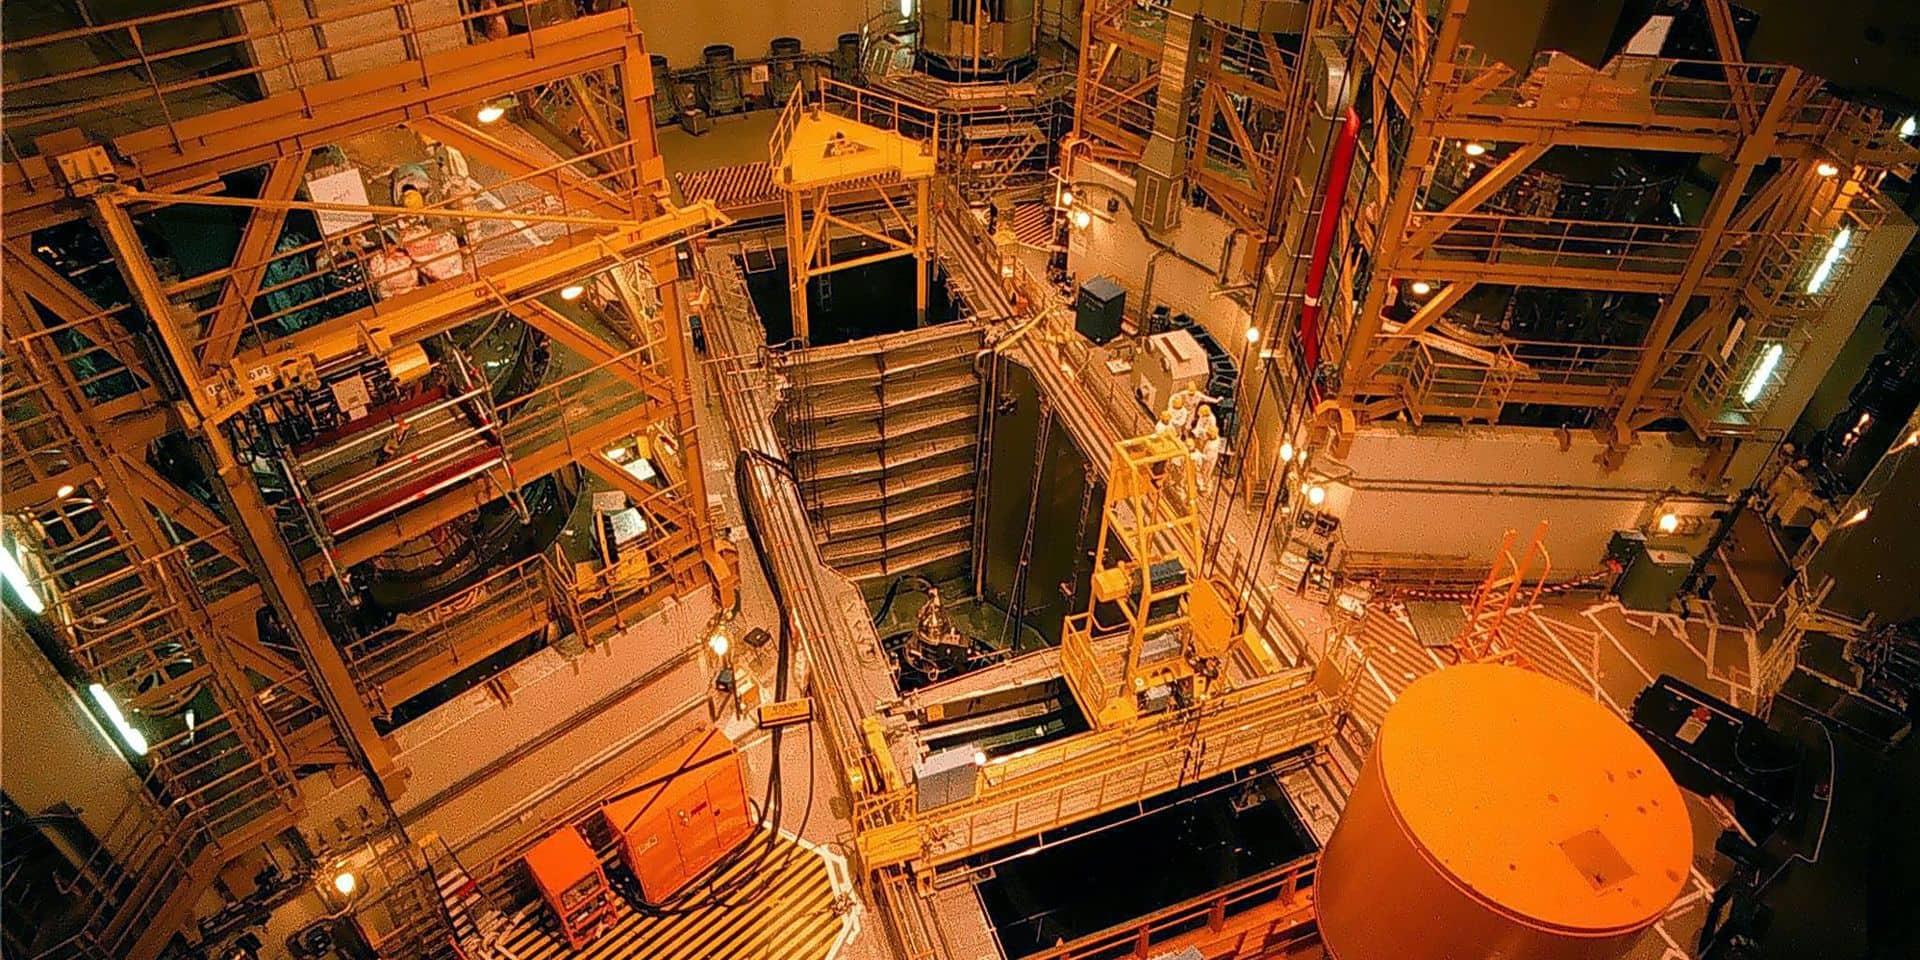 L'un des réacteurs de la centrale nucléaire de Chooz, dans les Ardennes, remis en service